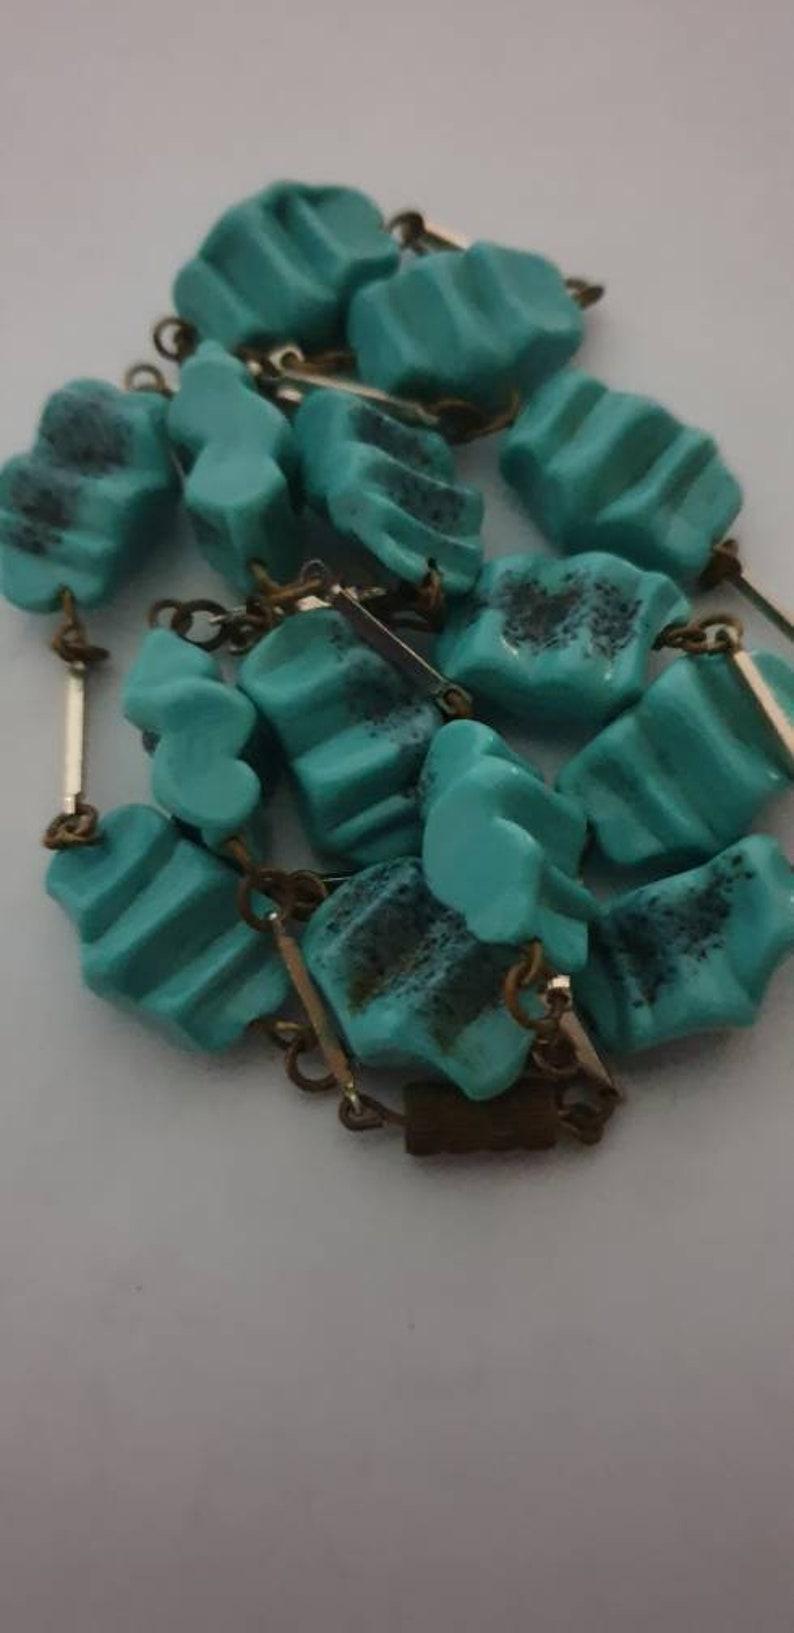 Vintage art deco rare exclusive design turquoise necklace.